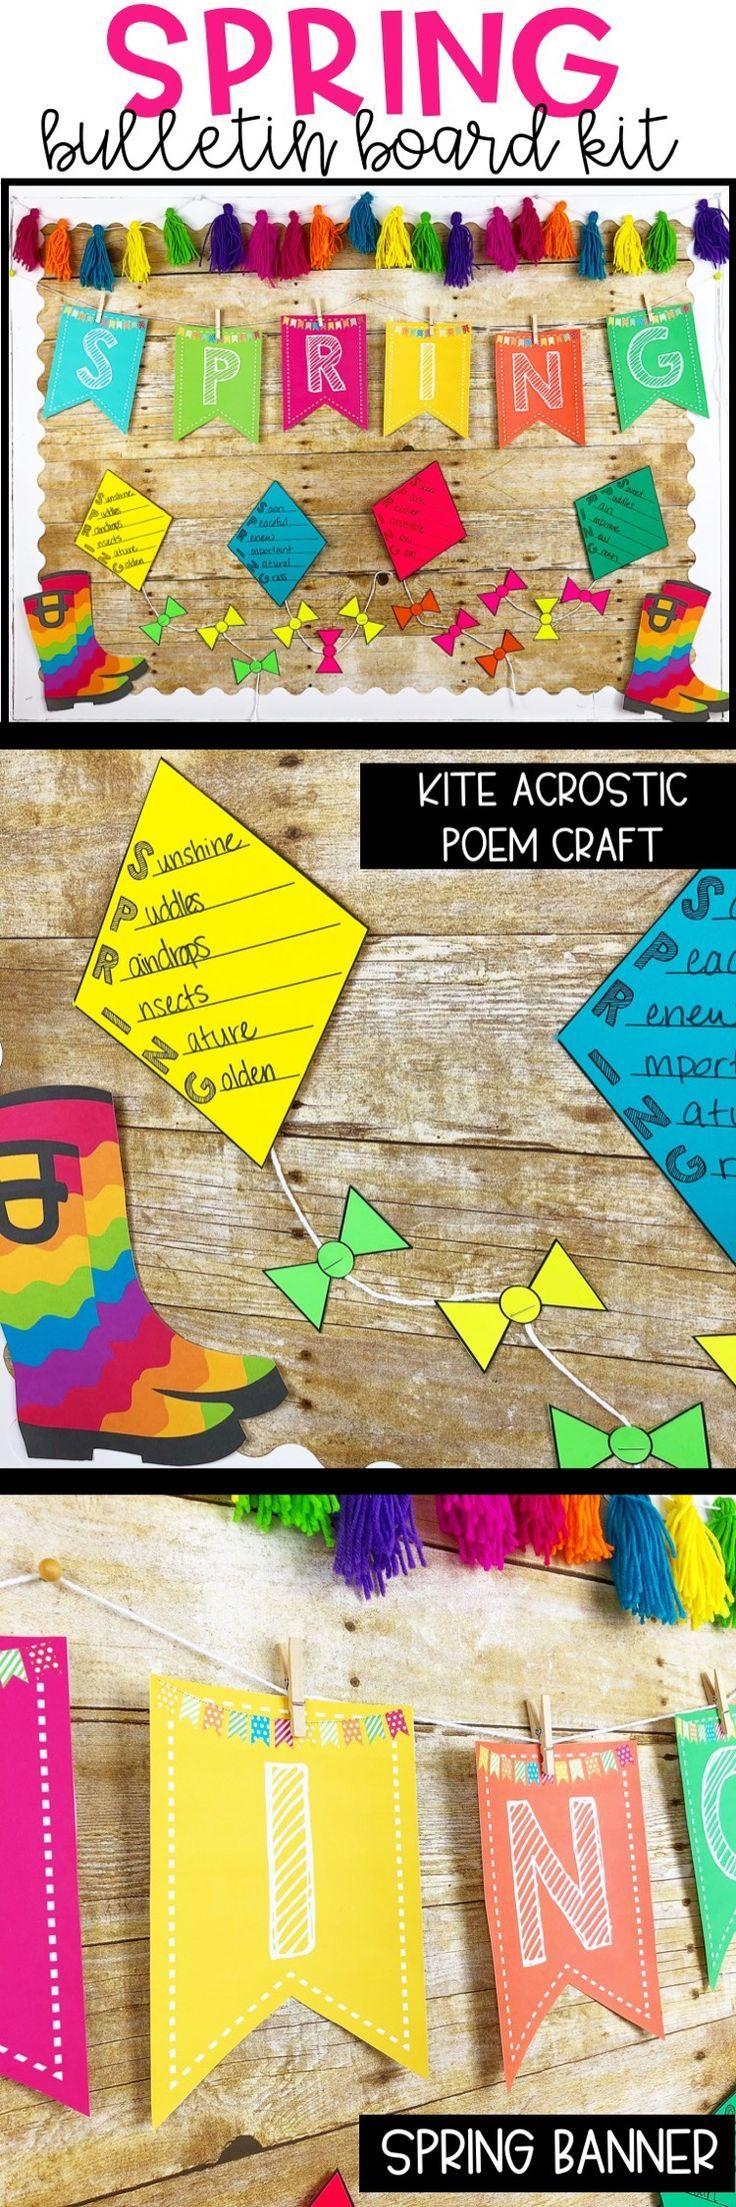 Spring Bulletin Board Kit - Acrostic Poem Kite Craftivity.